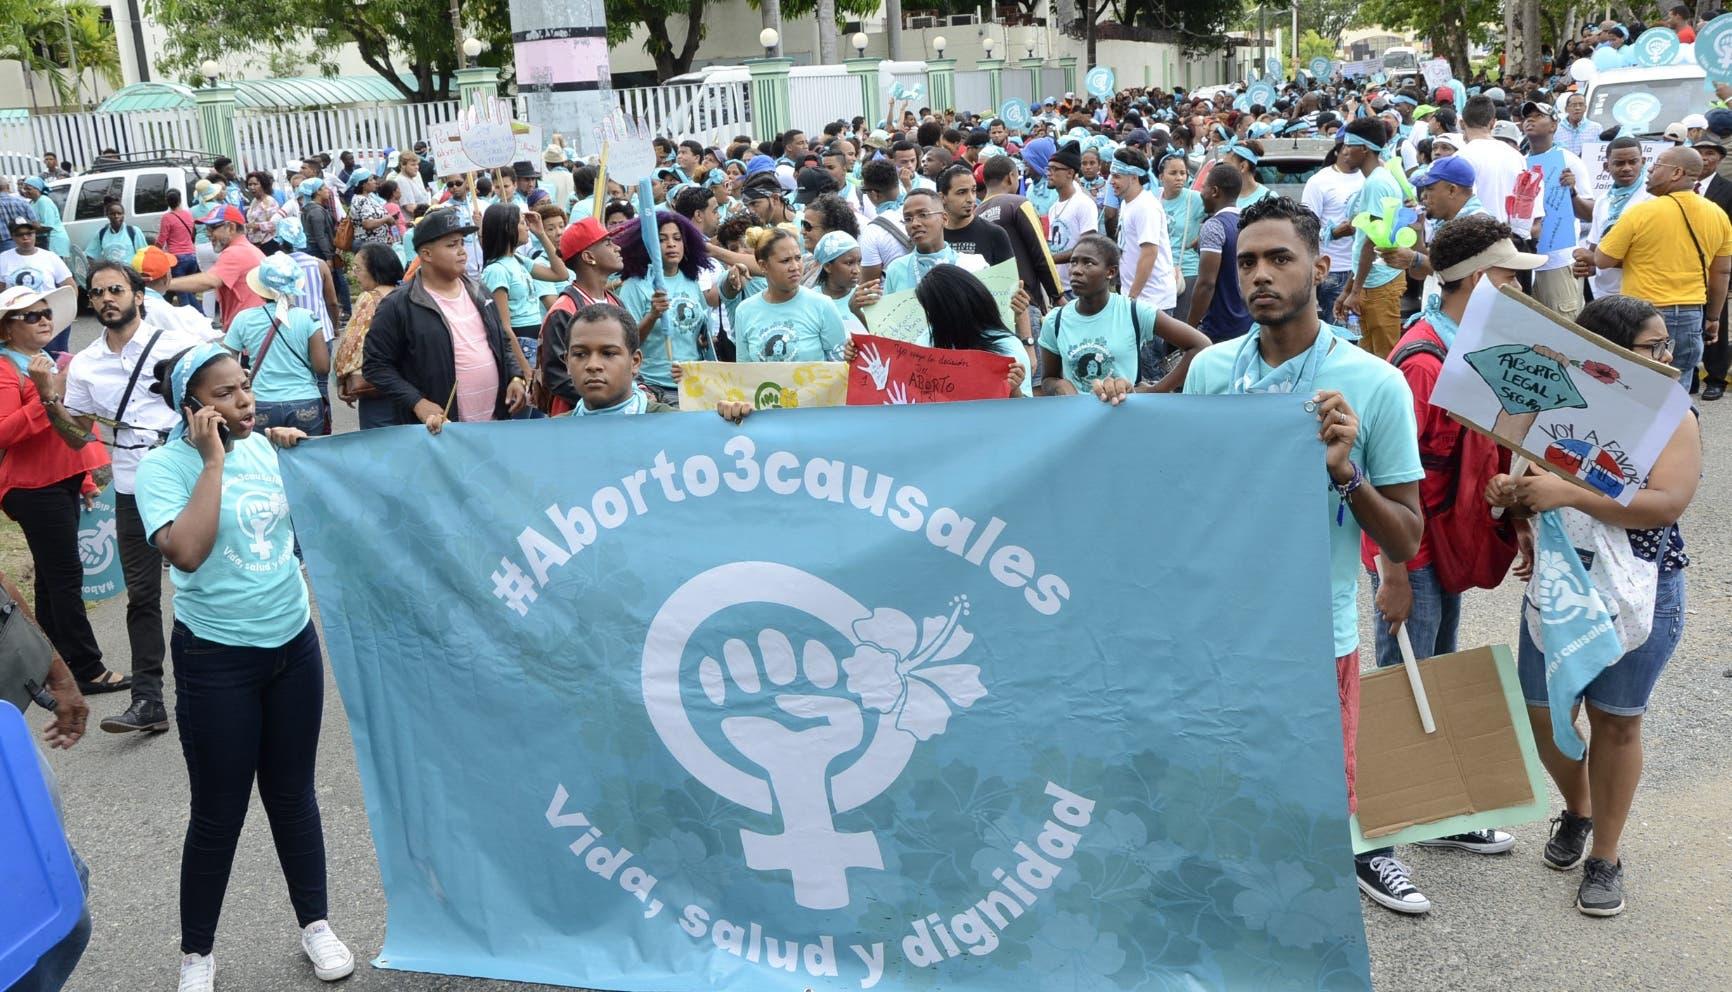 Miles de personas exigen la despenalización del aborto en 3 causales